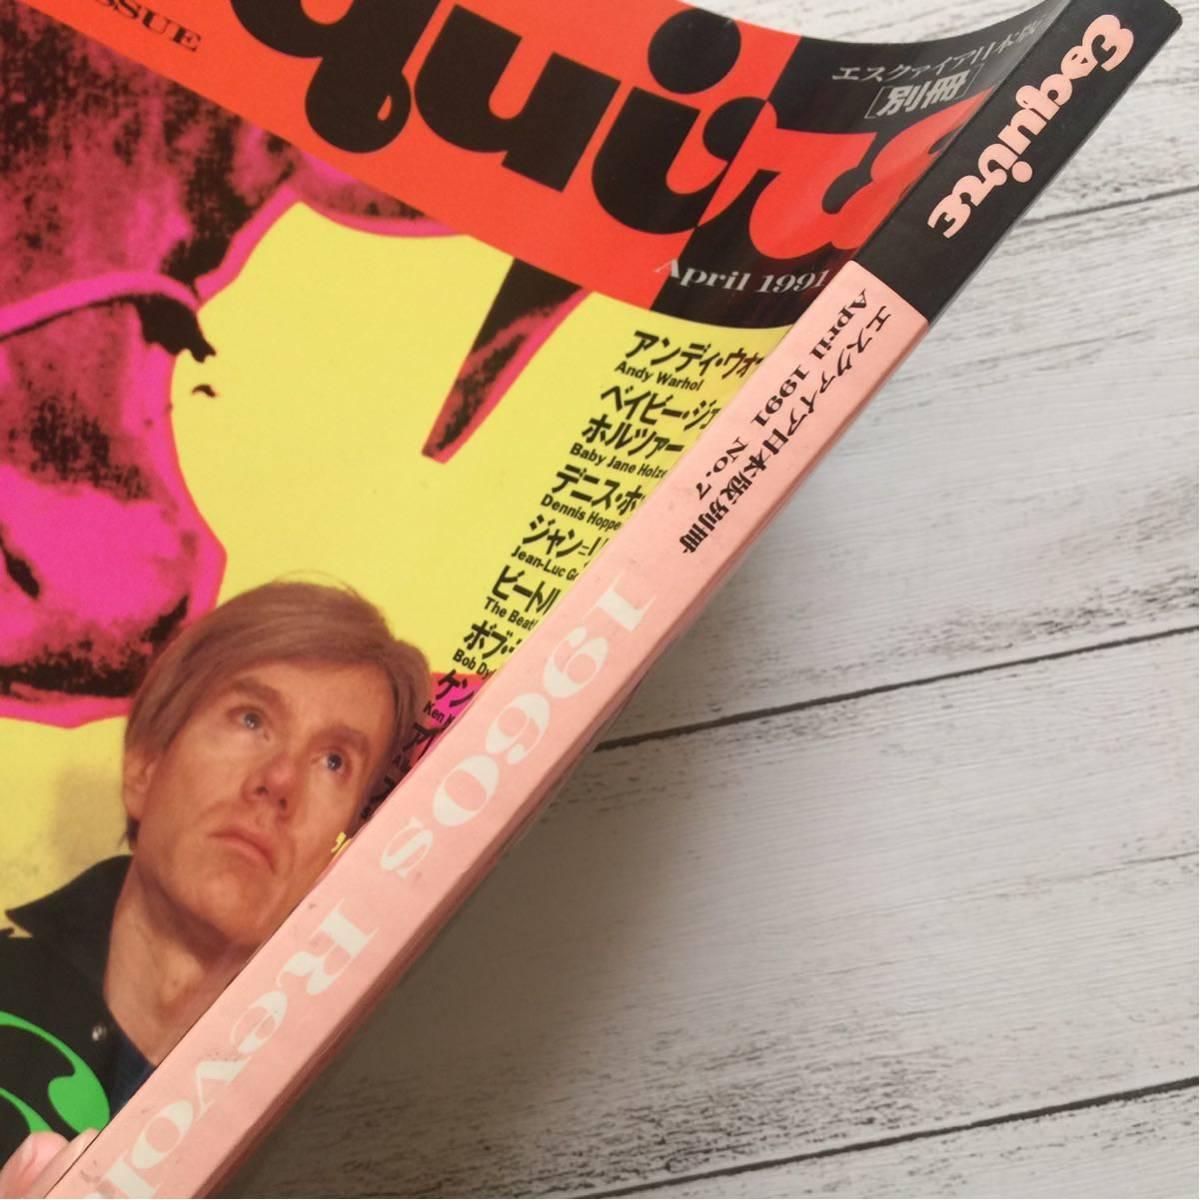 【中古】ESQUIRE エスクァイア 日本版「1960sRevolution」1991年4月 No.7 アンディ・ウォーホル 雑誌 デニスホッパー ヘルズエンジェルズ_画像3